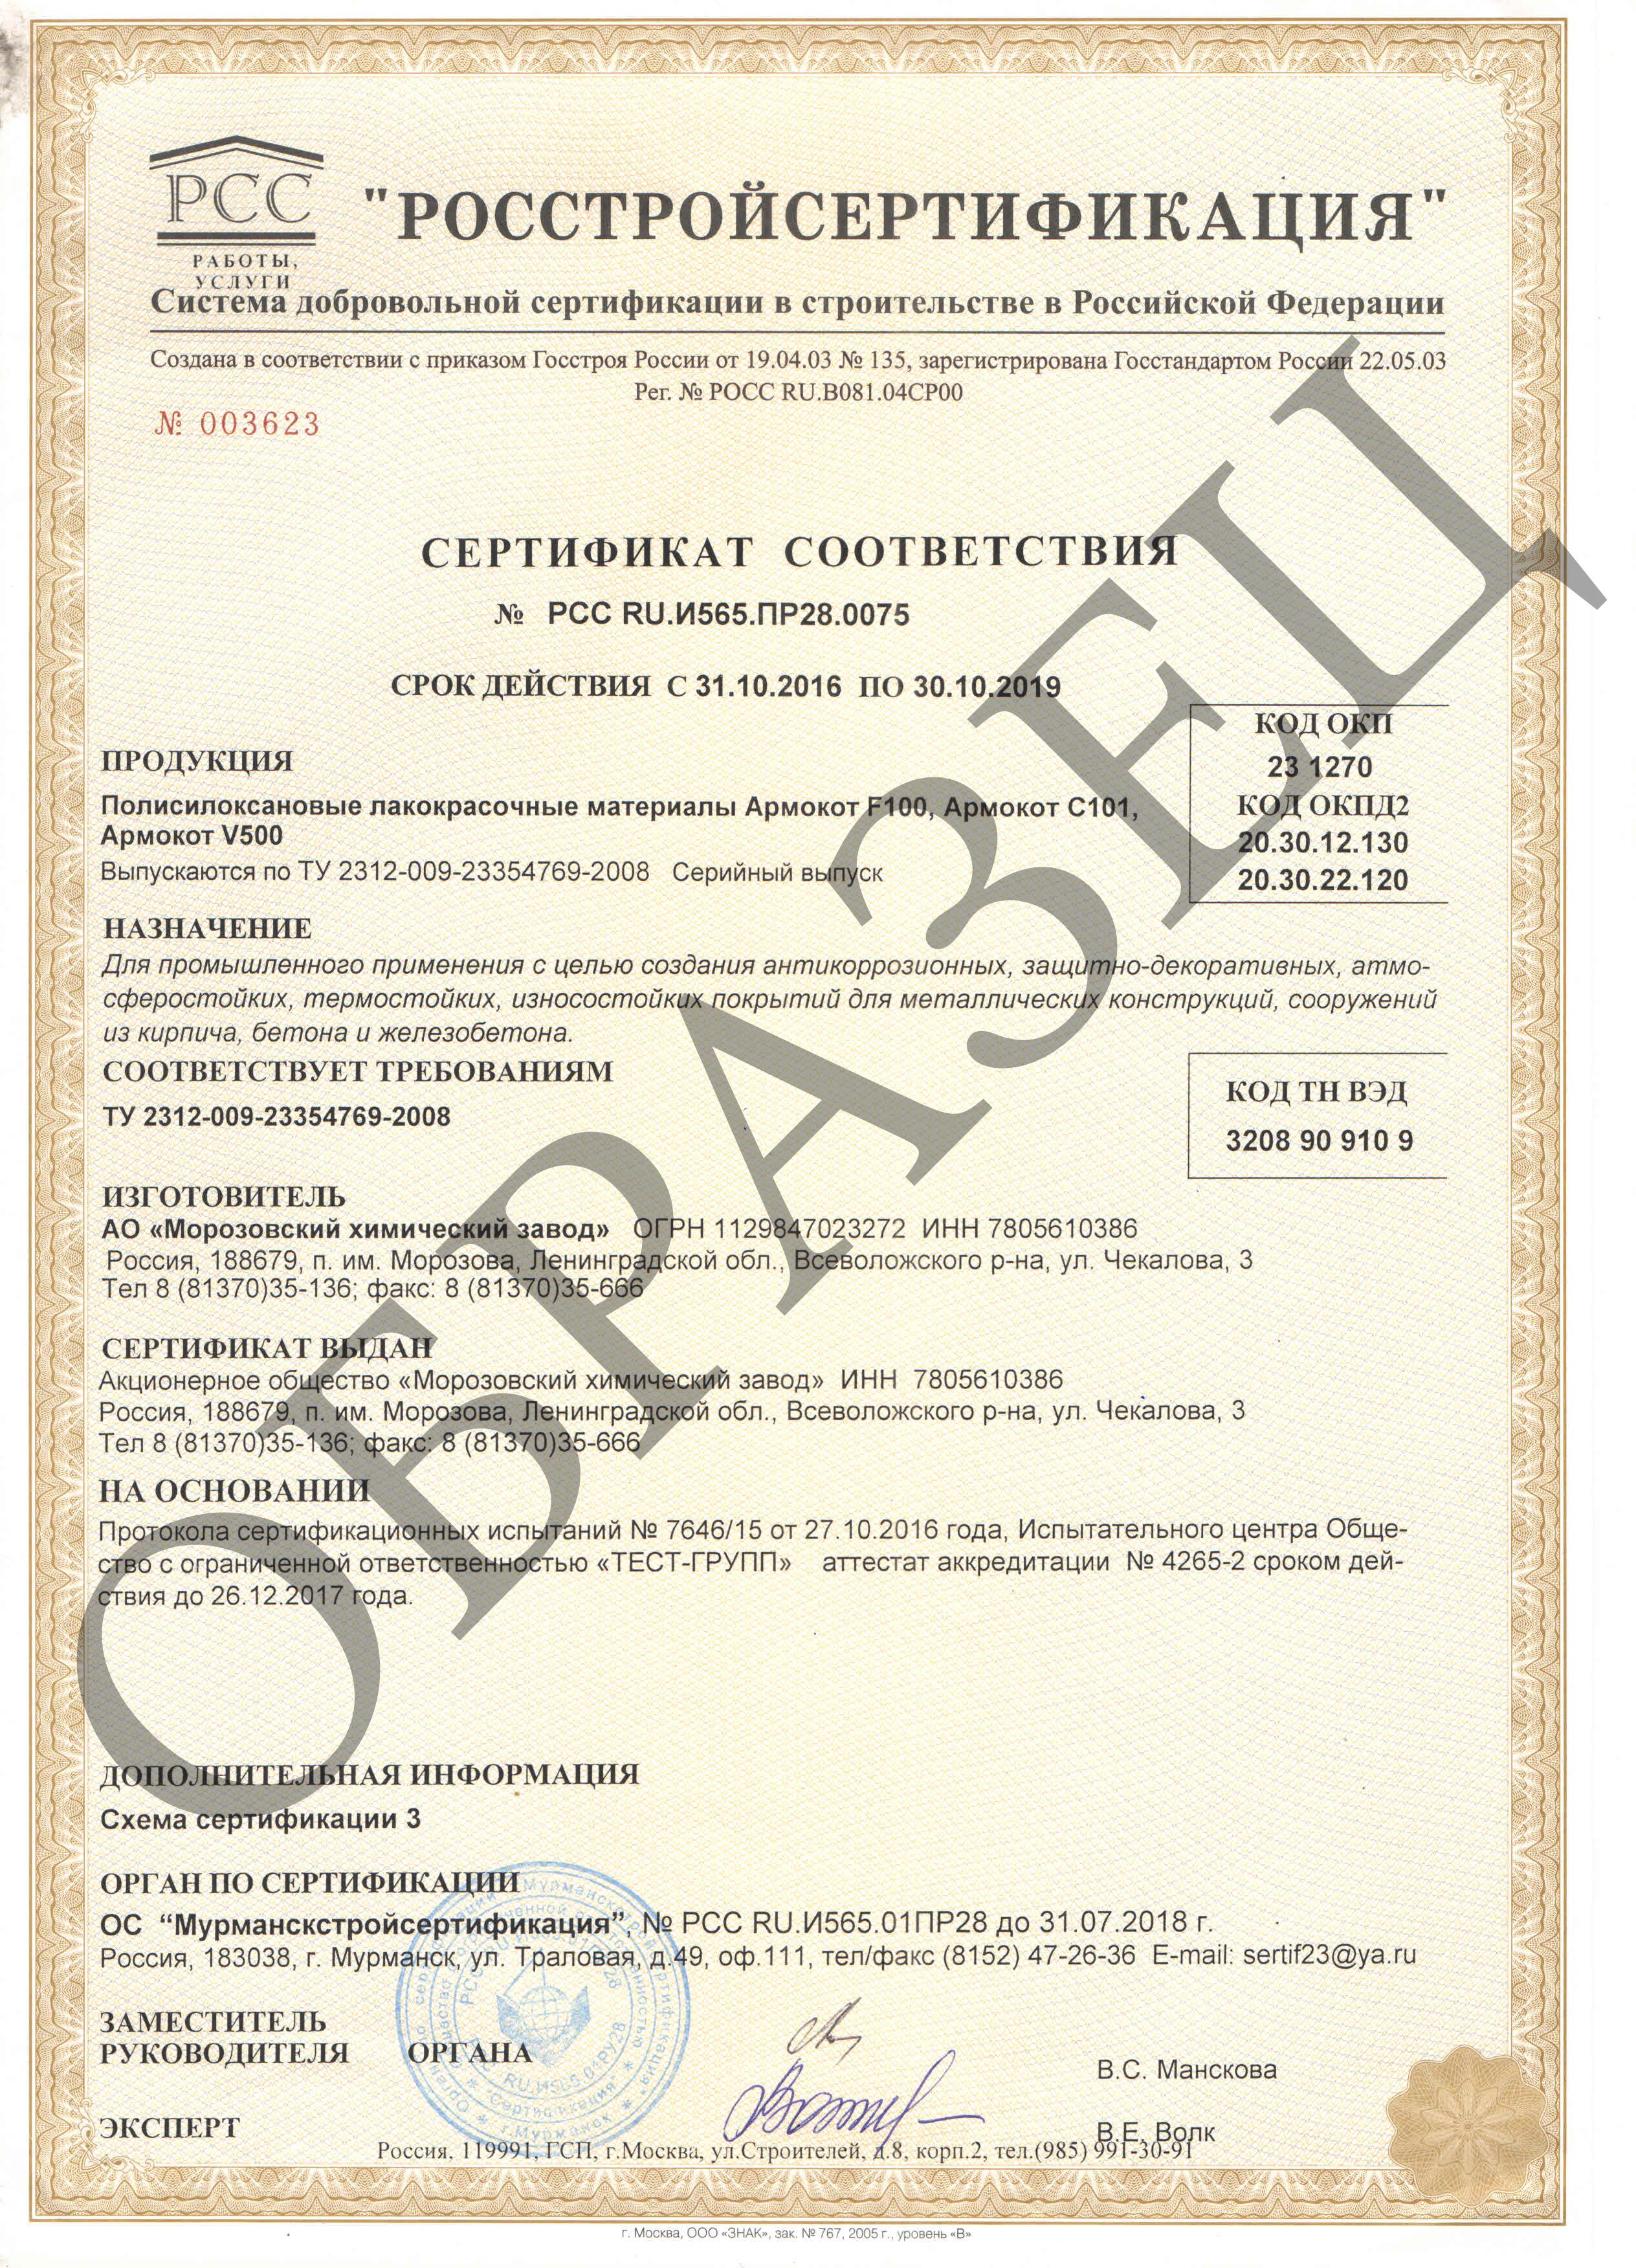 Сертификат РCC на материалы Армокот F100 C101 V500